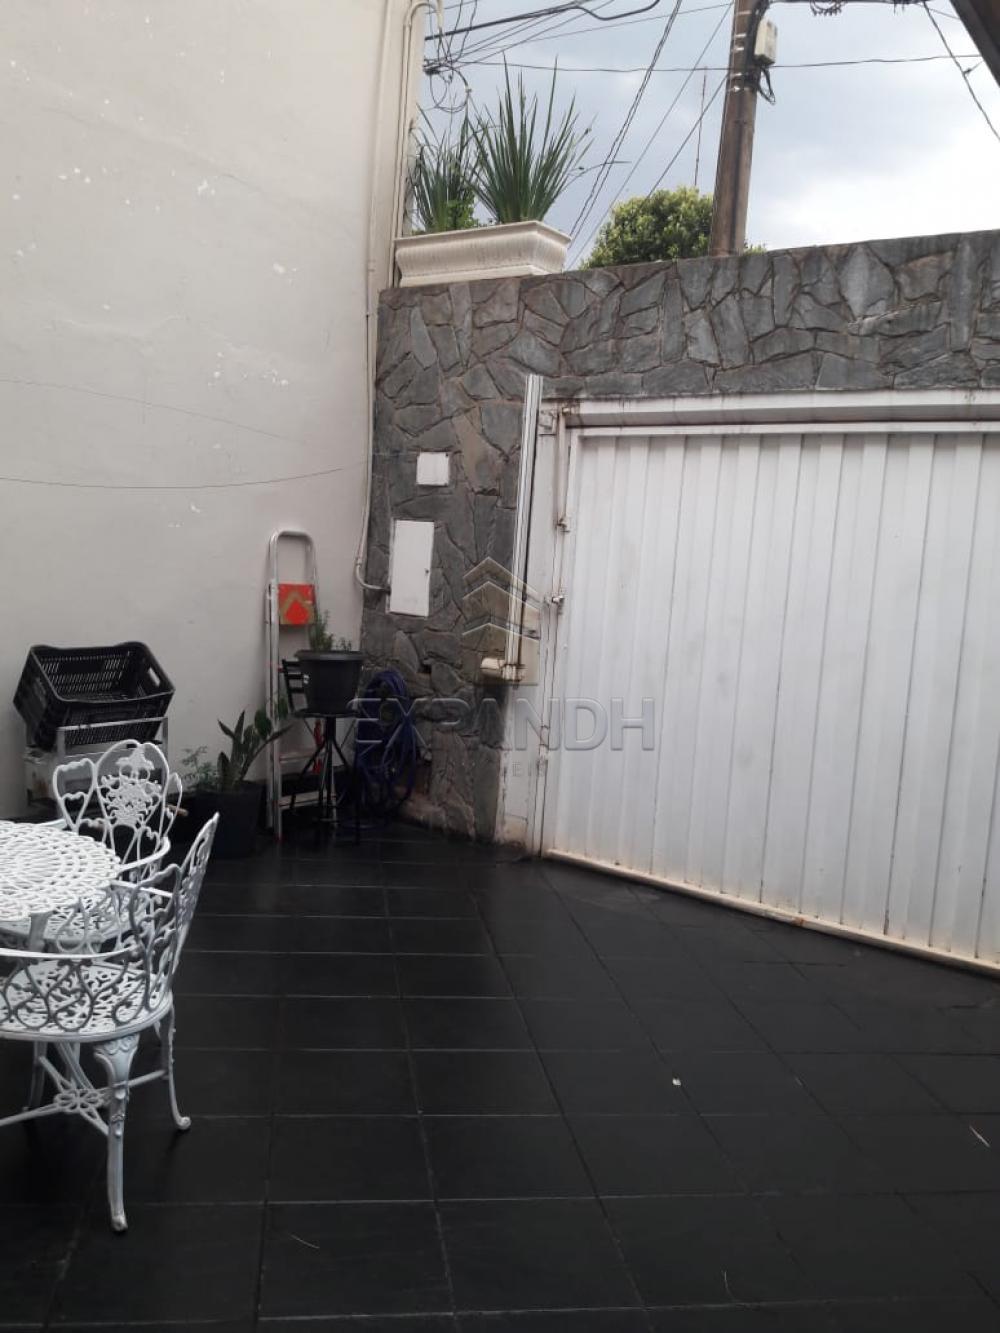 Comprar Casas / Padrão em Sertãozinho apenas R$ 400.000,00 - Foto 6